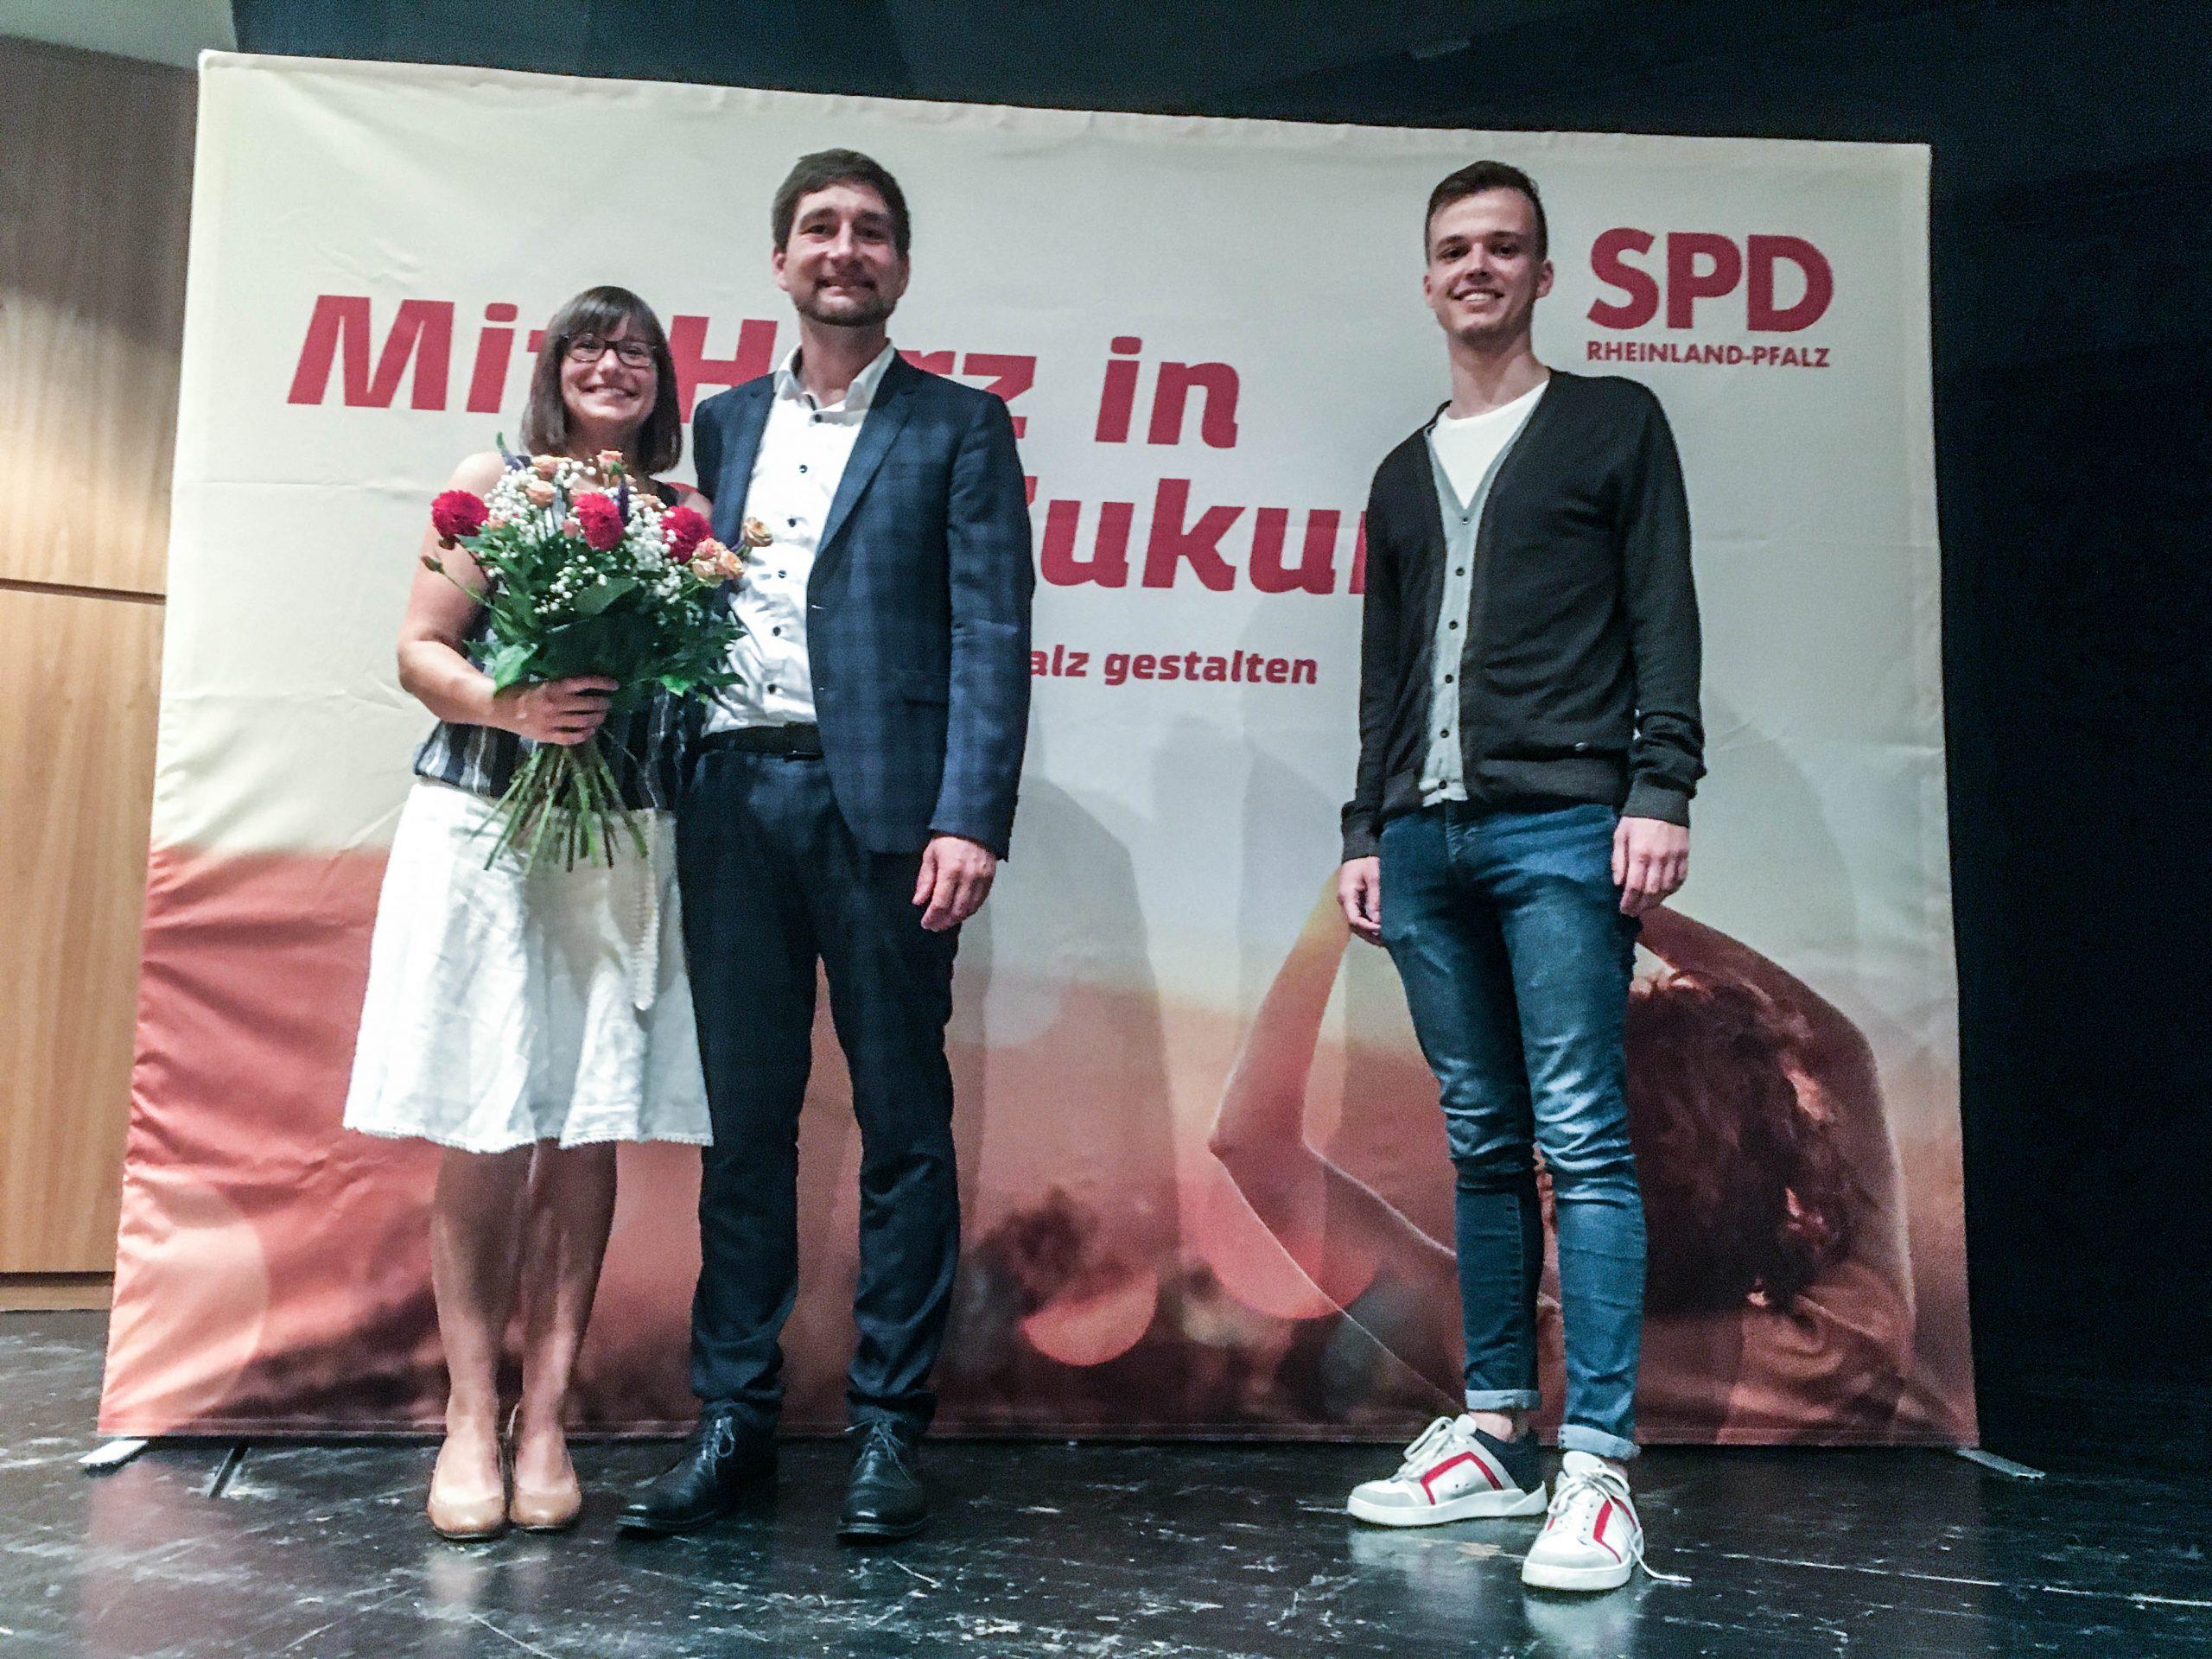 Matthias Gibhardt & Philip Schimkat